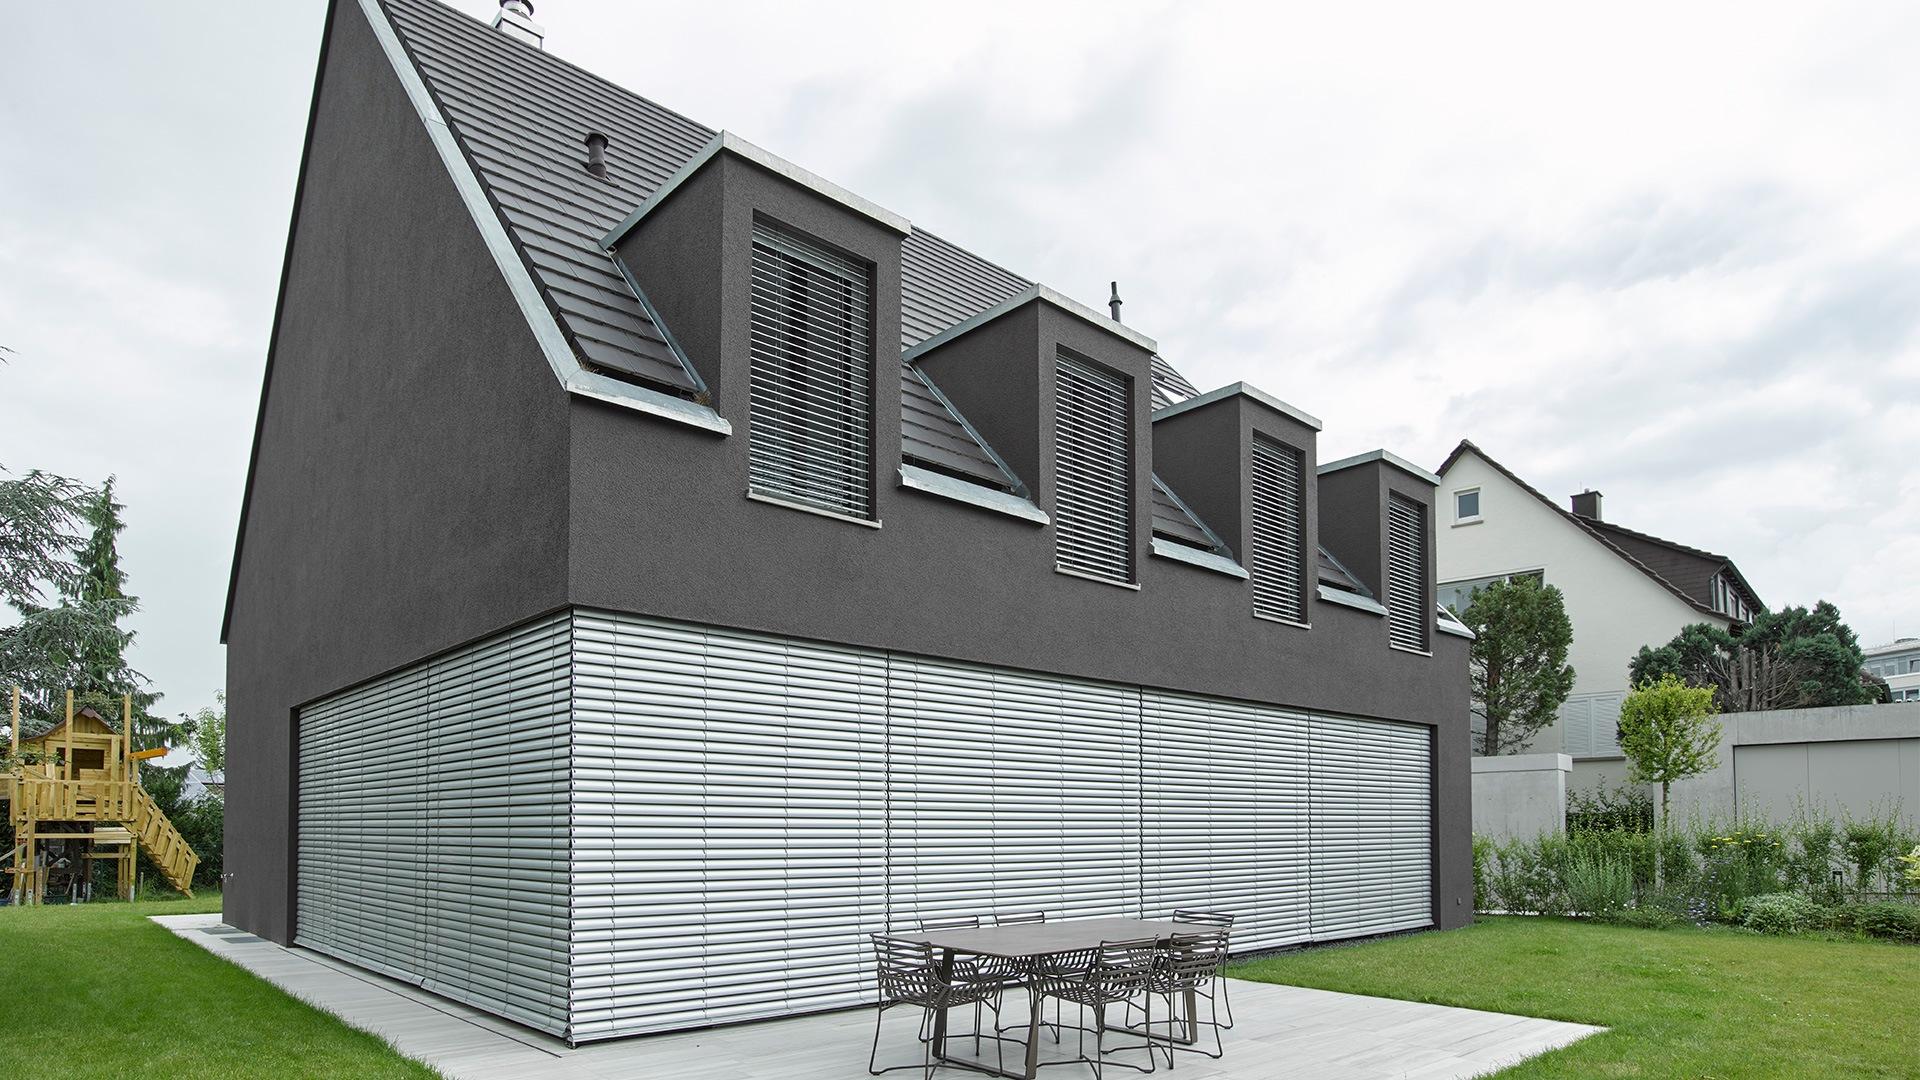 zanker raffstore 02 - Sonnenschutz für Fenster und Fassade